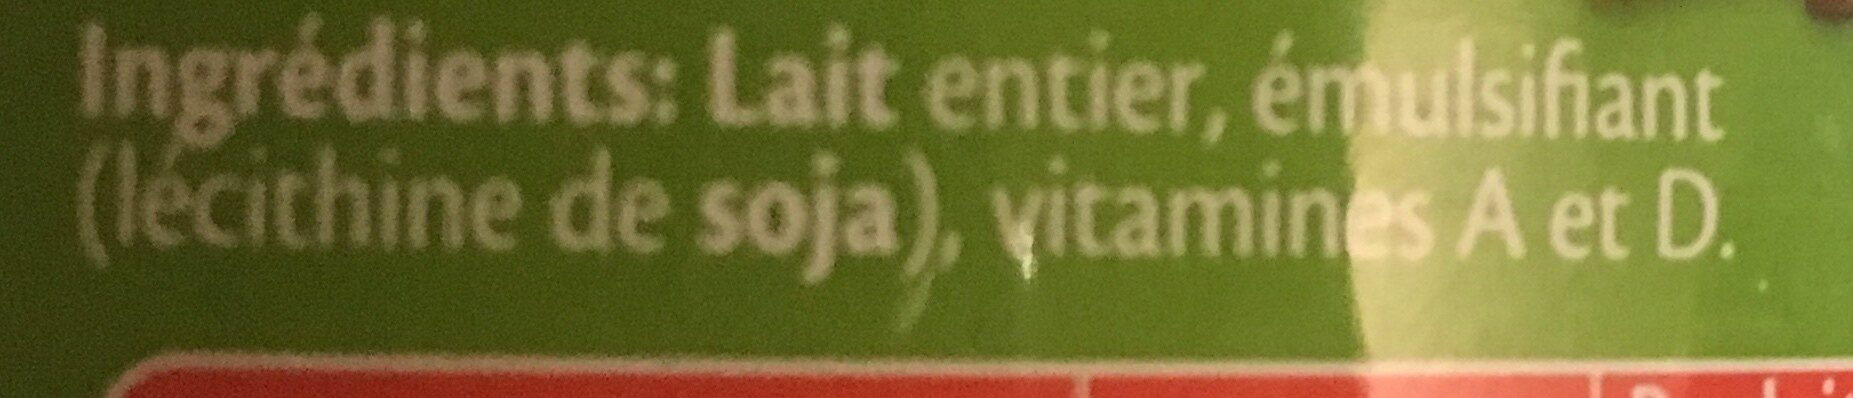 Bonnet rouge lait entier en poudre - Ingrédients - fr